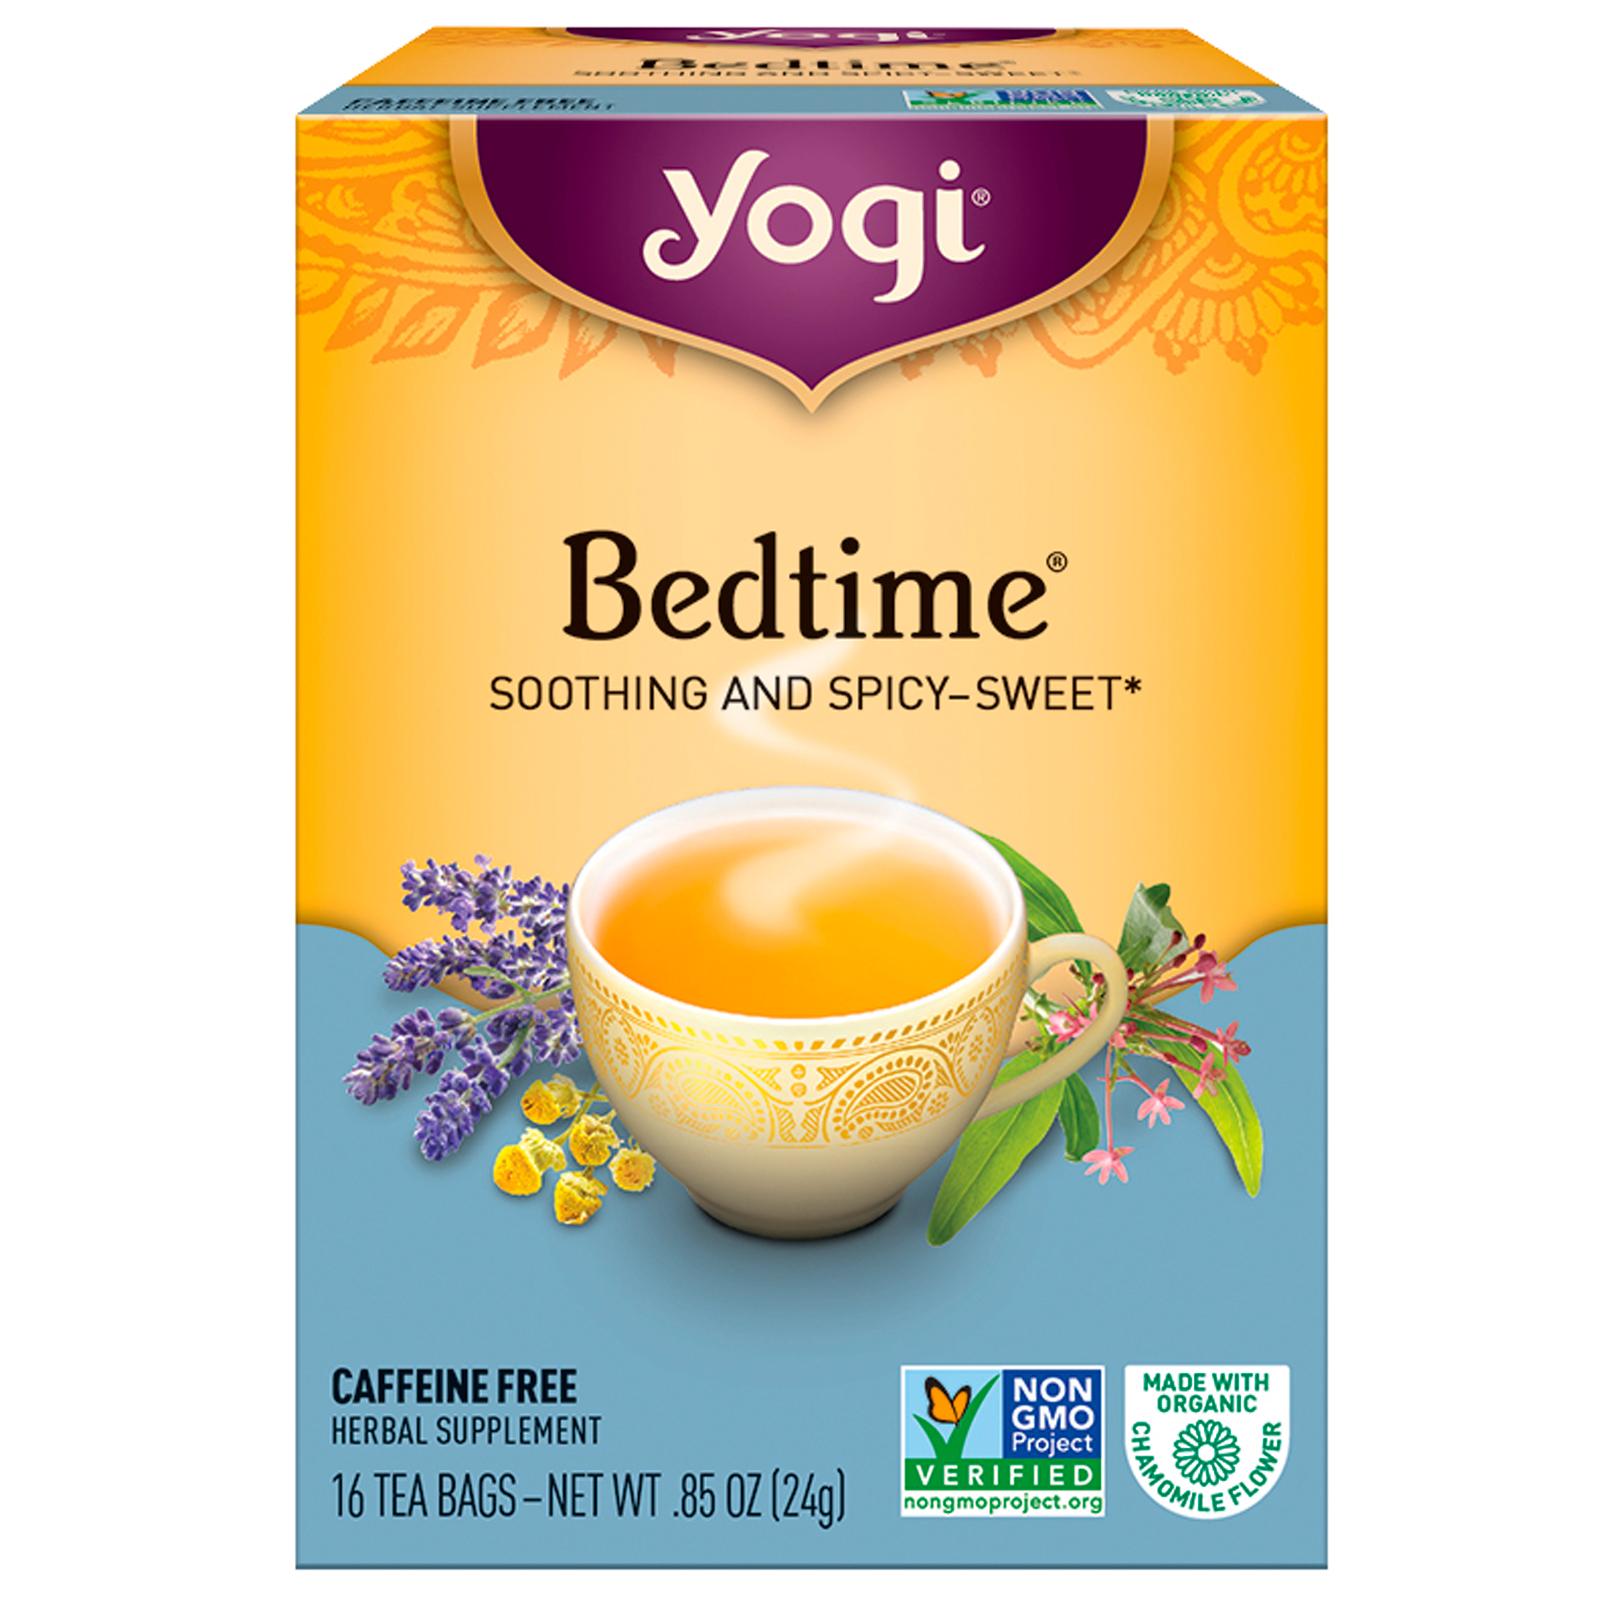 Yogi Tea Bedtime Caffeine Free 16 Bags 85 Oz